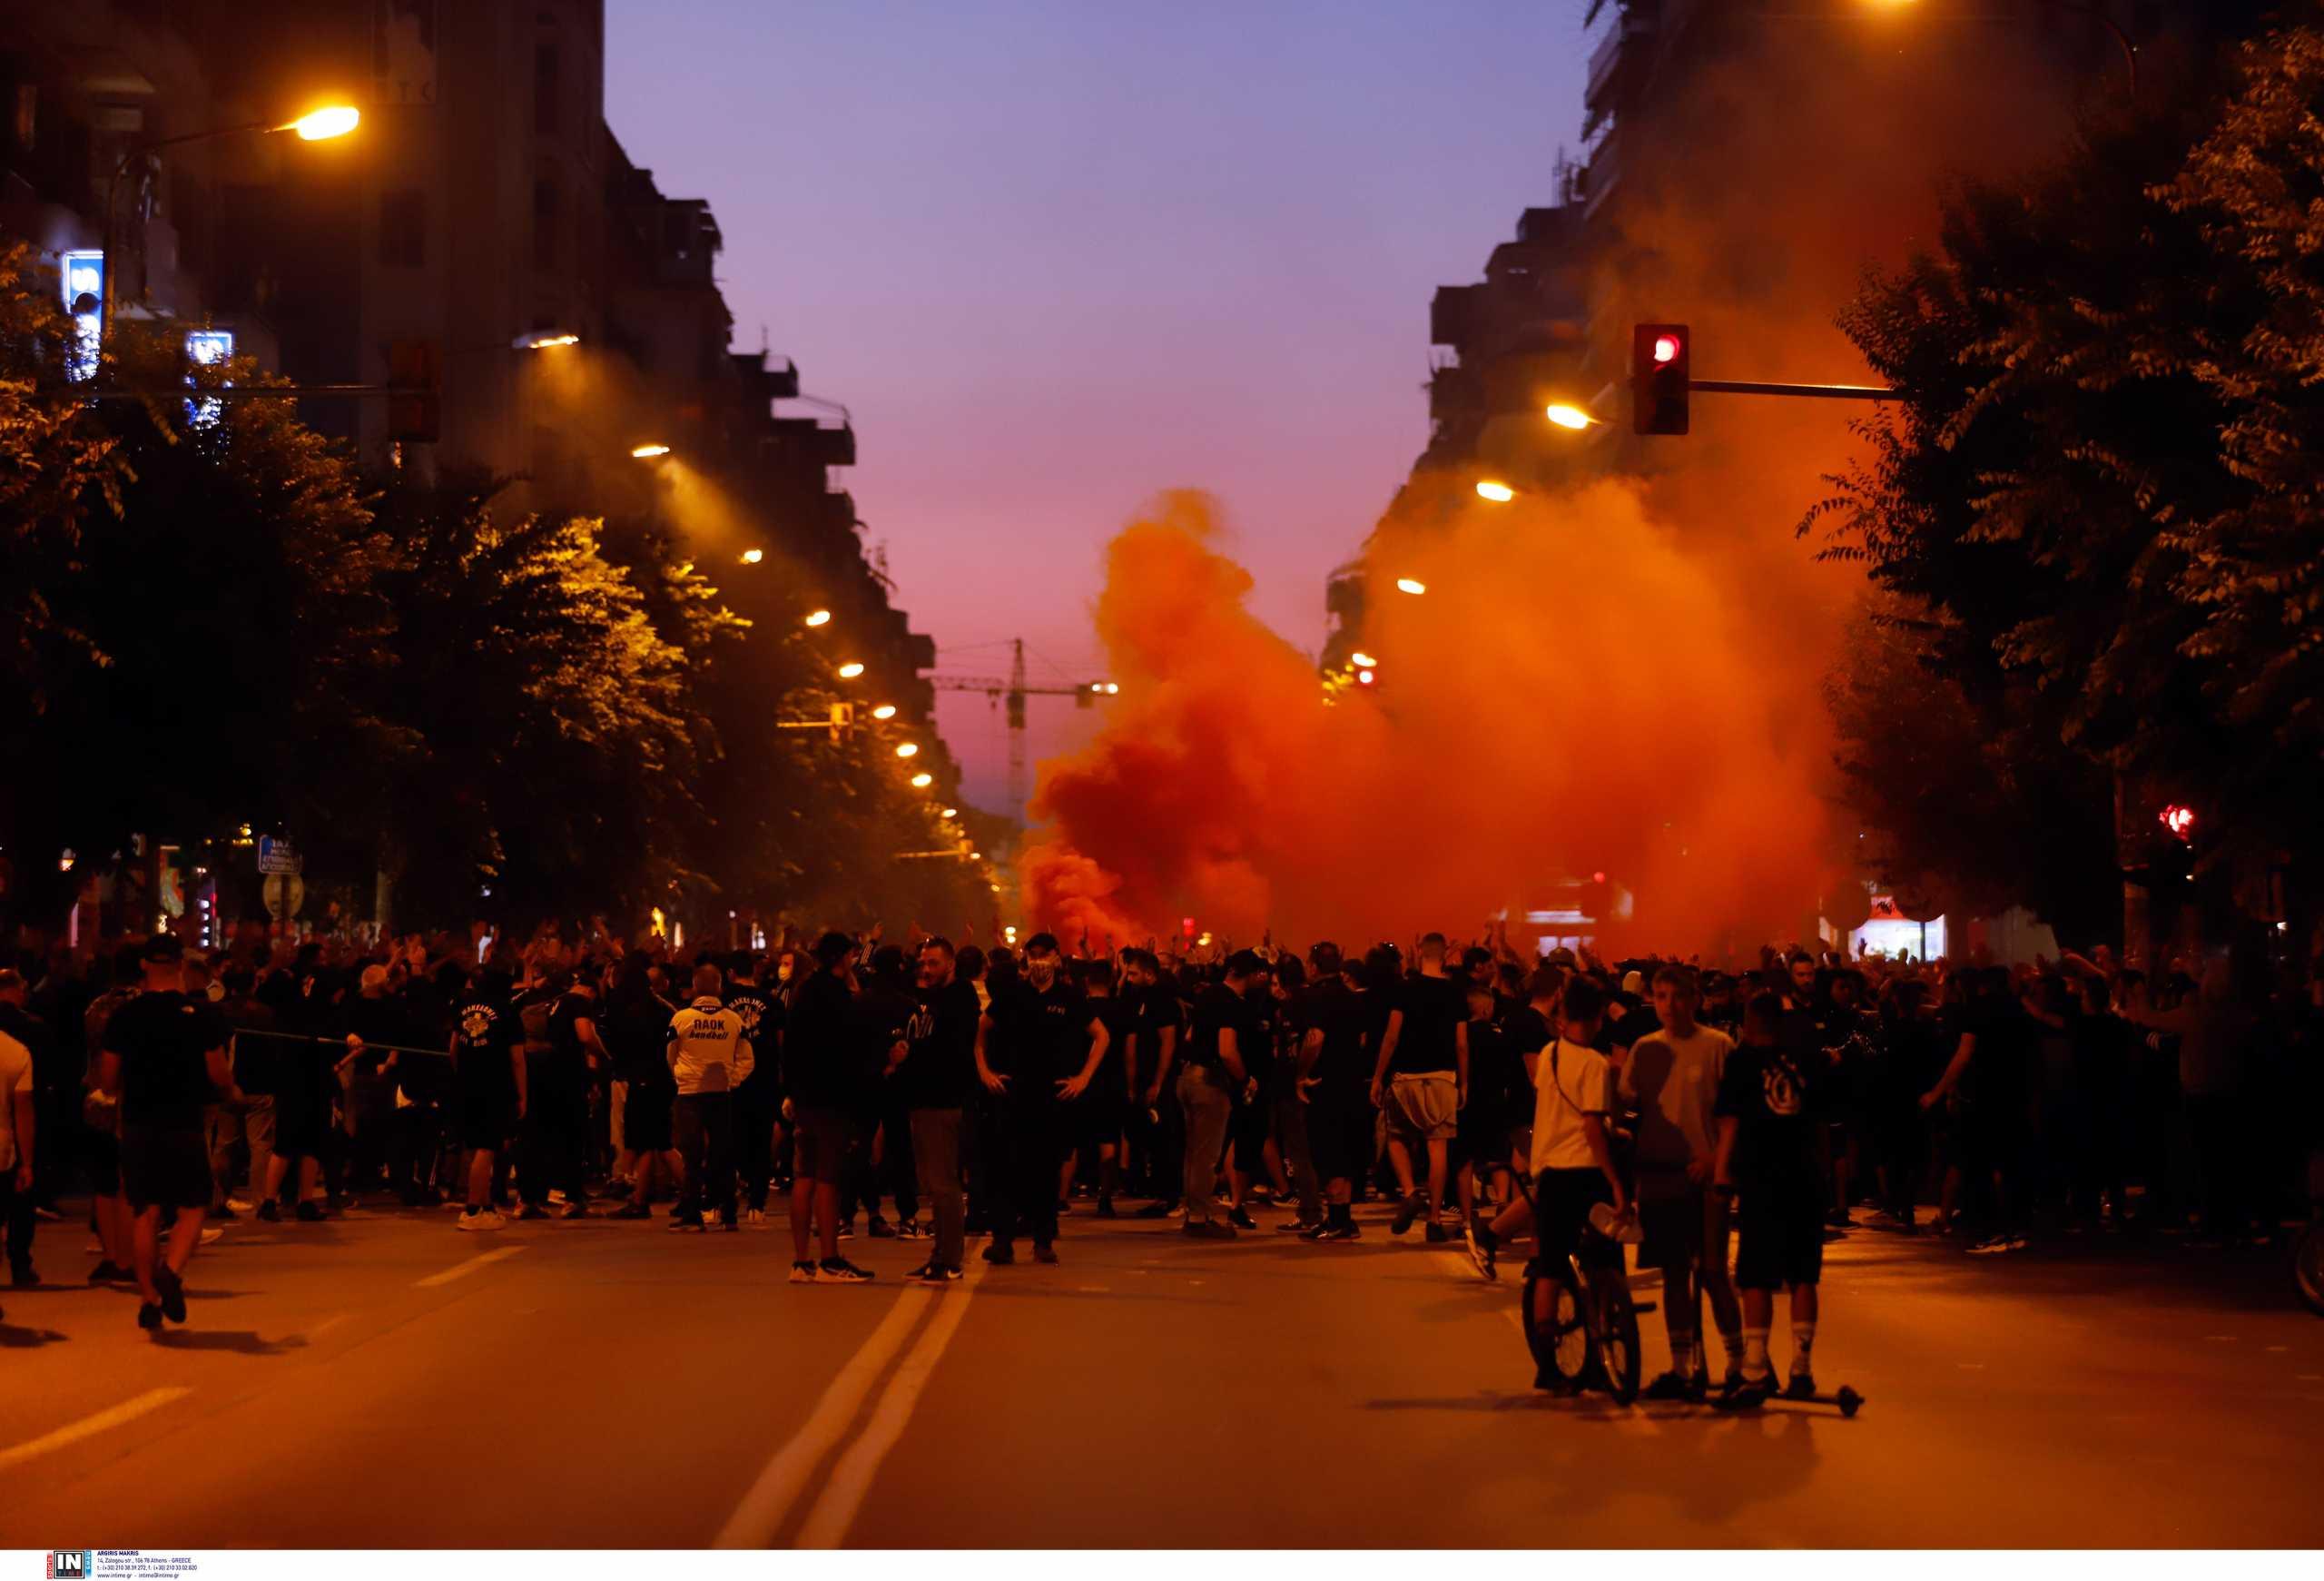 Θεσσαλονίκη: Προσαγωγές στην πορεία των οπαδών του ΠΑΟΚ